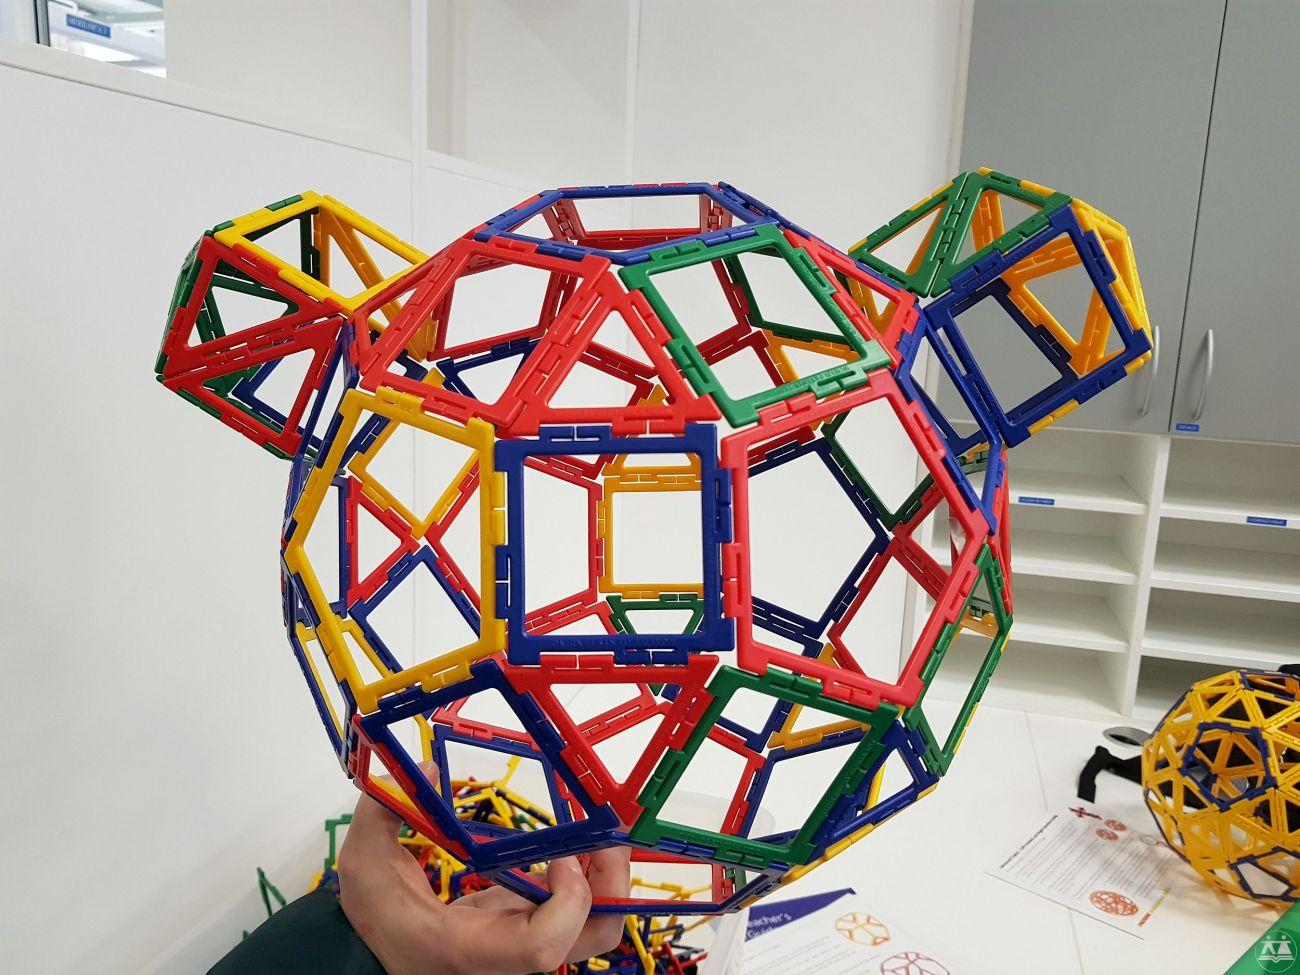 Hisa-poliedrov-drzavni-zbor-hisa-iluzij-026